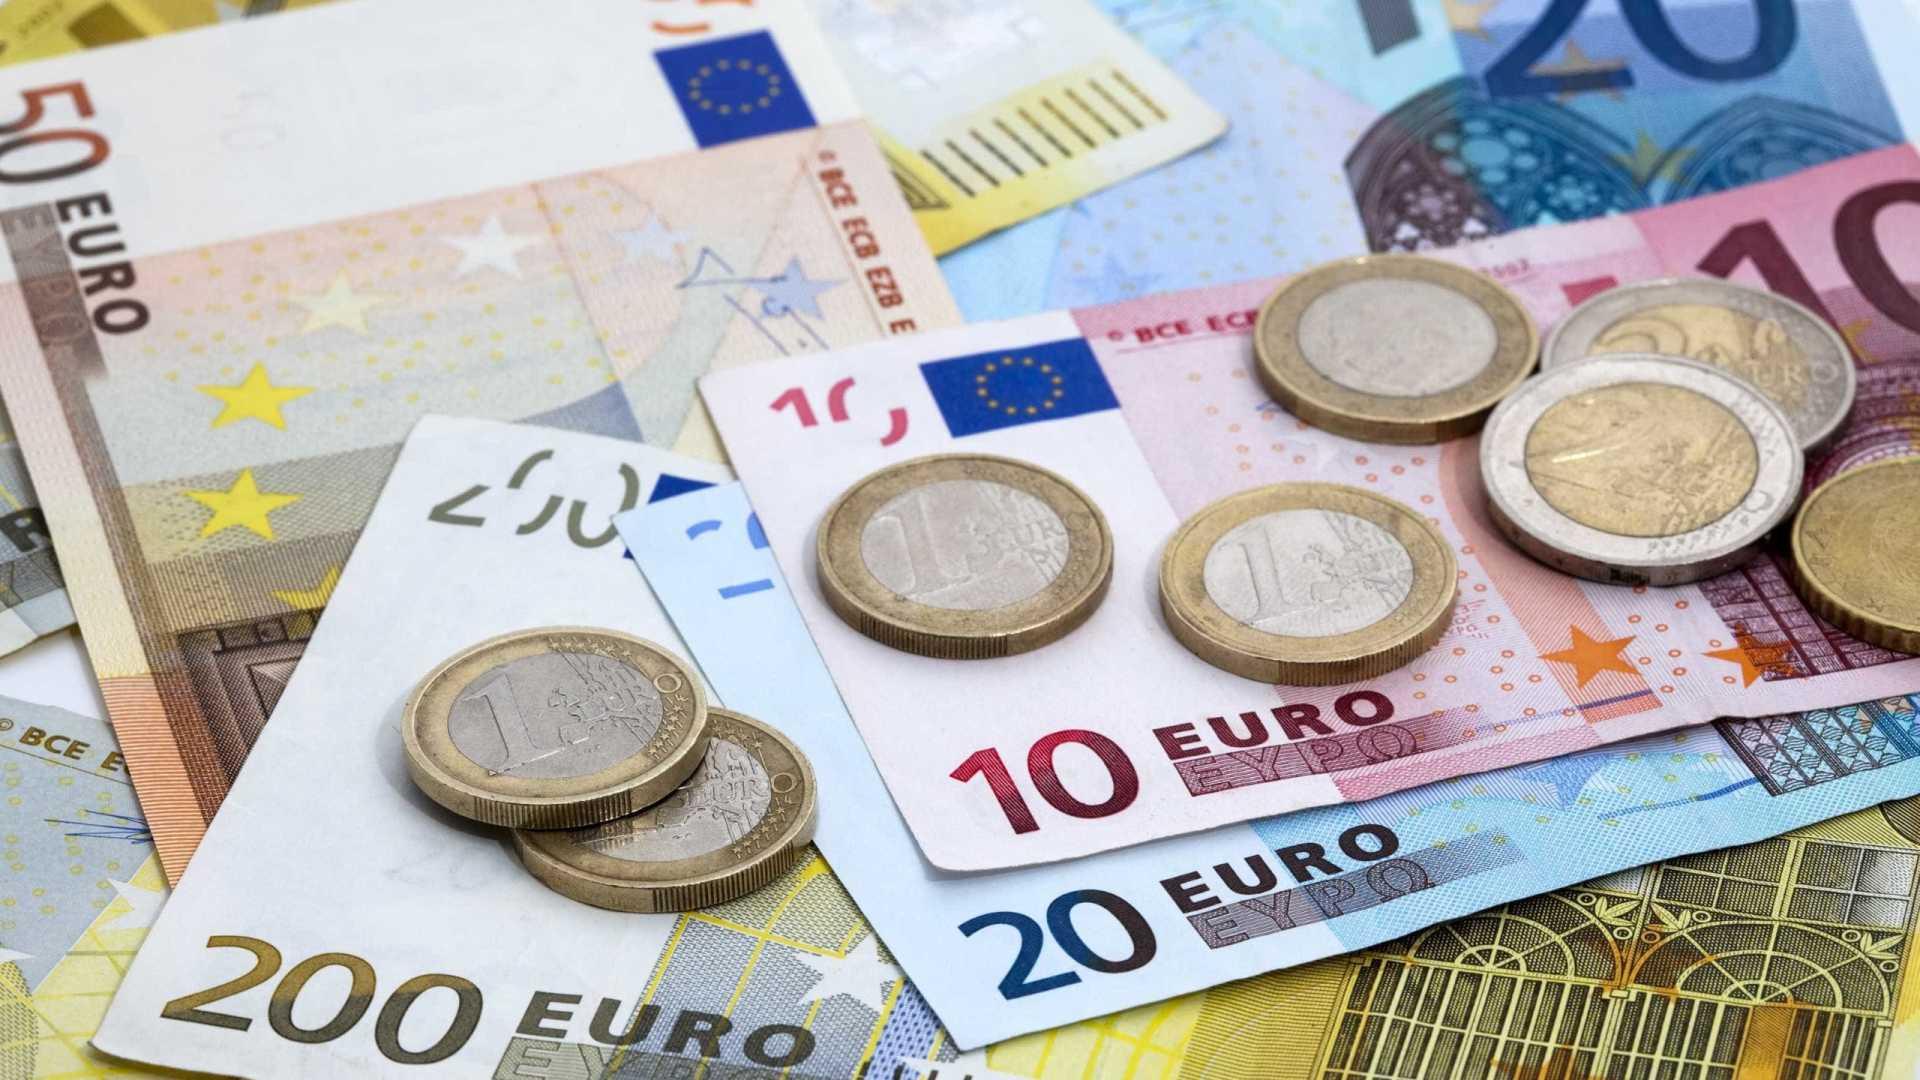 GLI EURO E LA VERA MONETA DI SCAMBIO